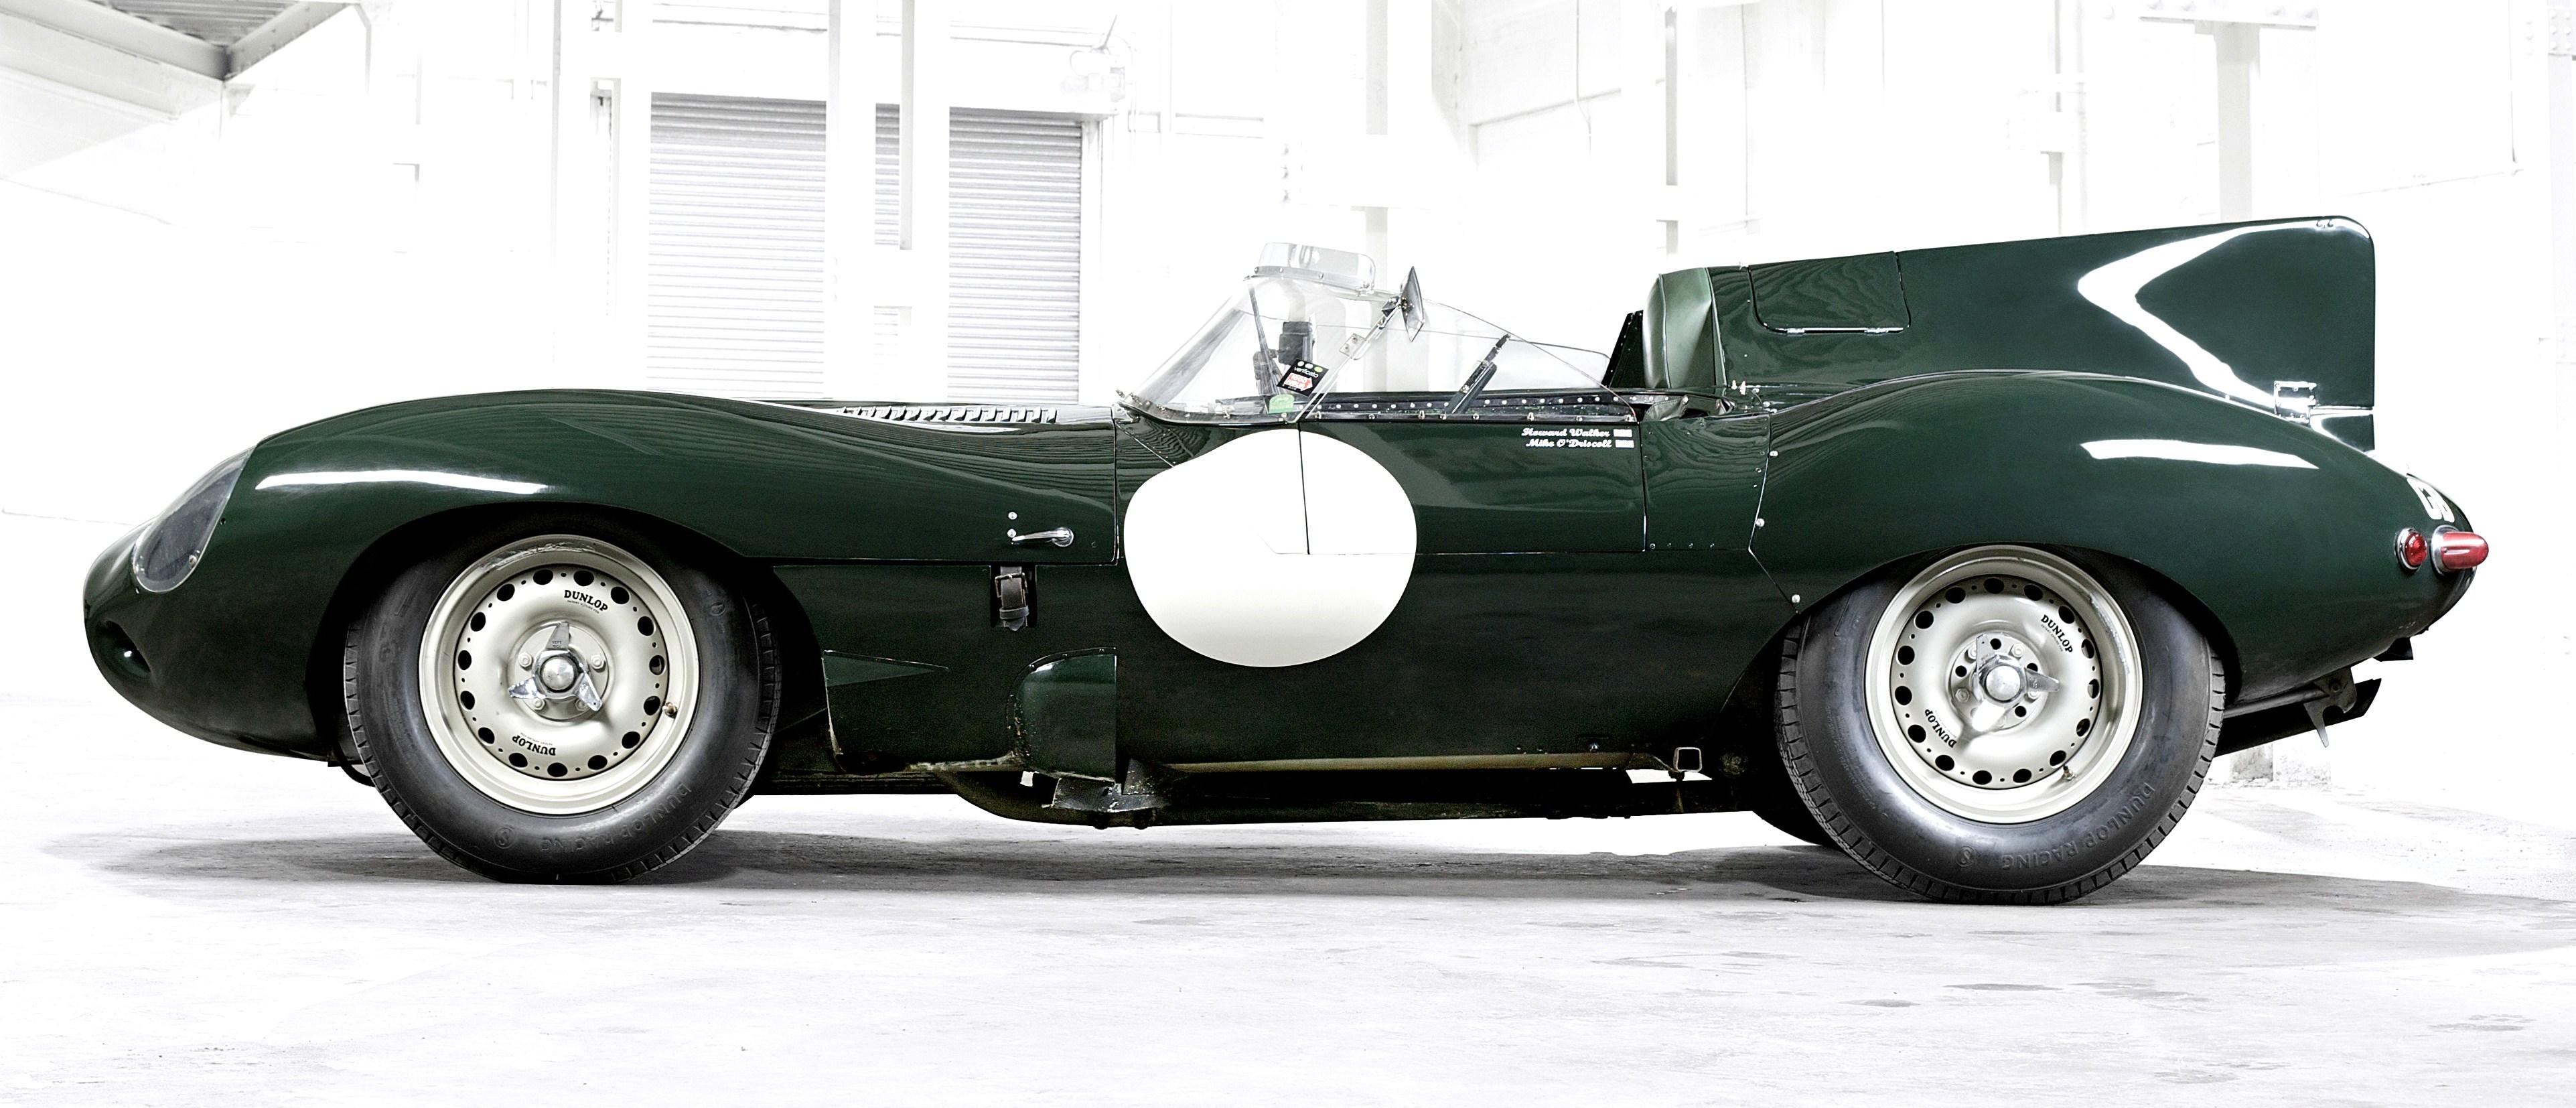 Jaguars Iconic D Type Race Car